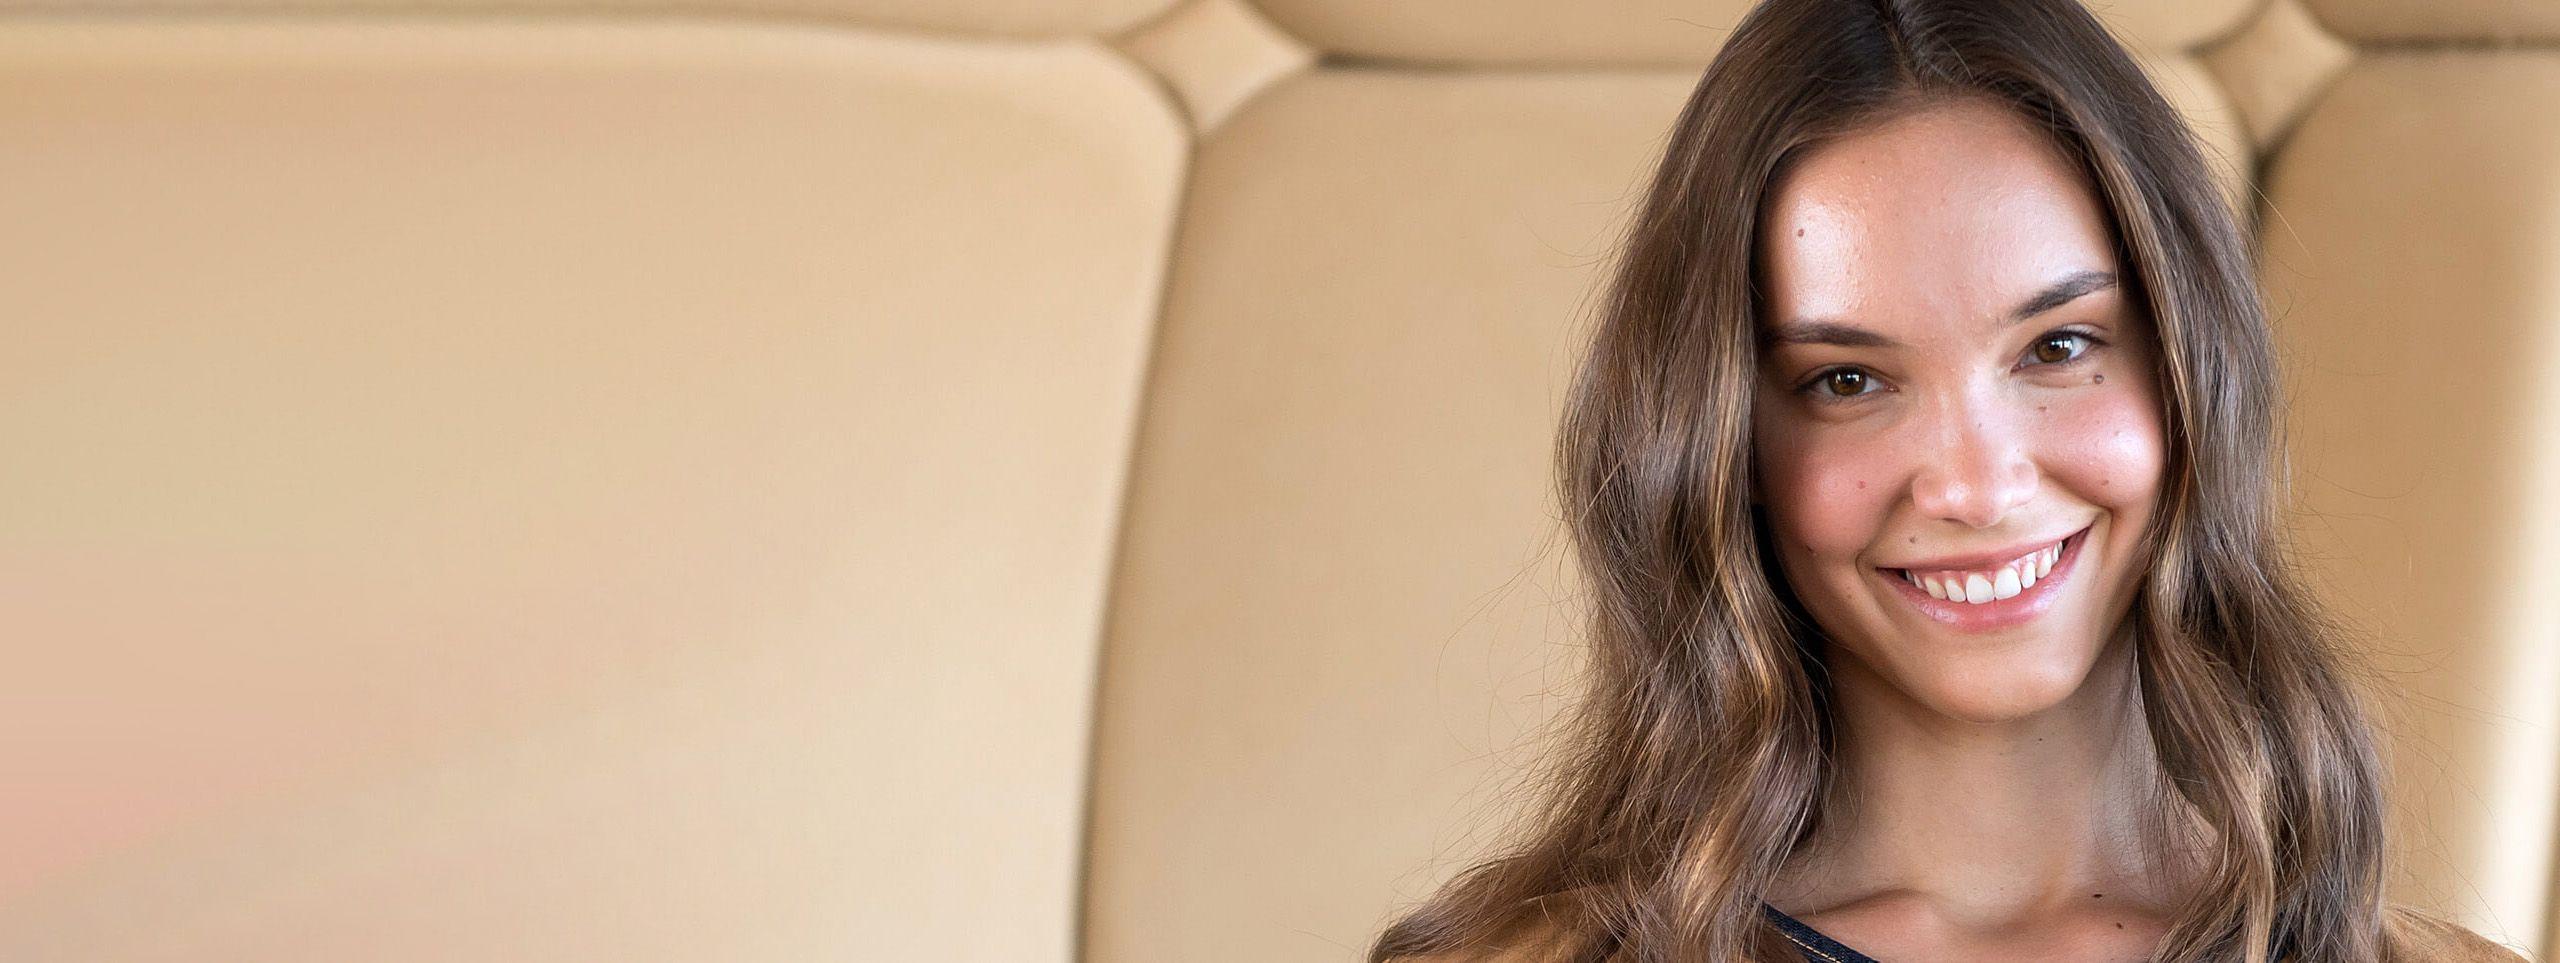 Femme souriante cheveux chatains couleur naturelle